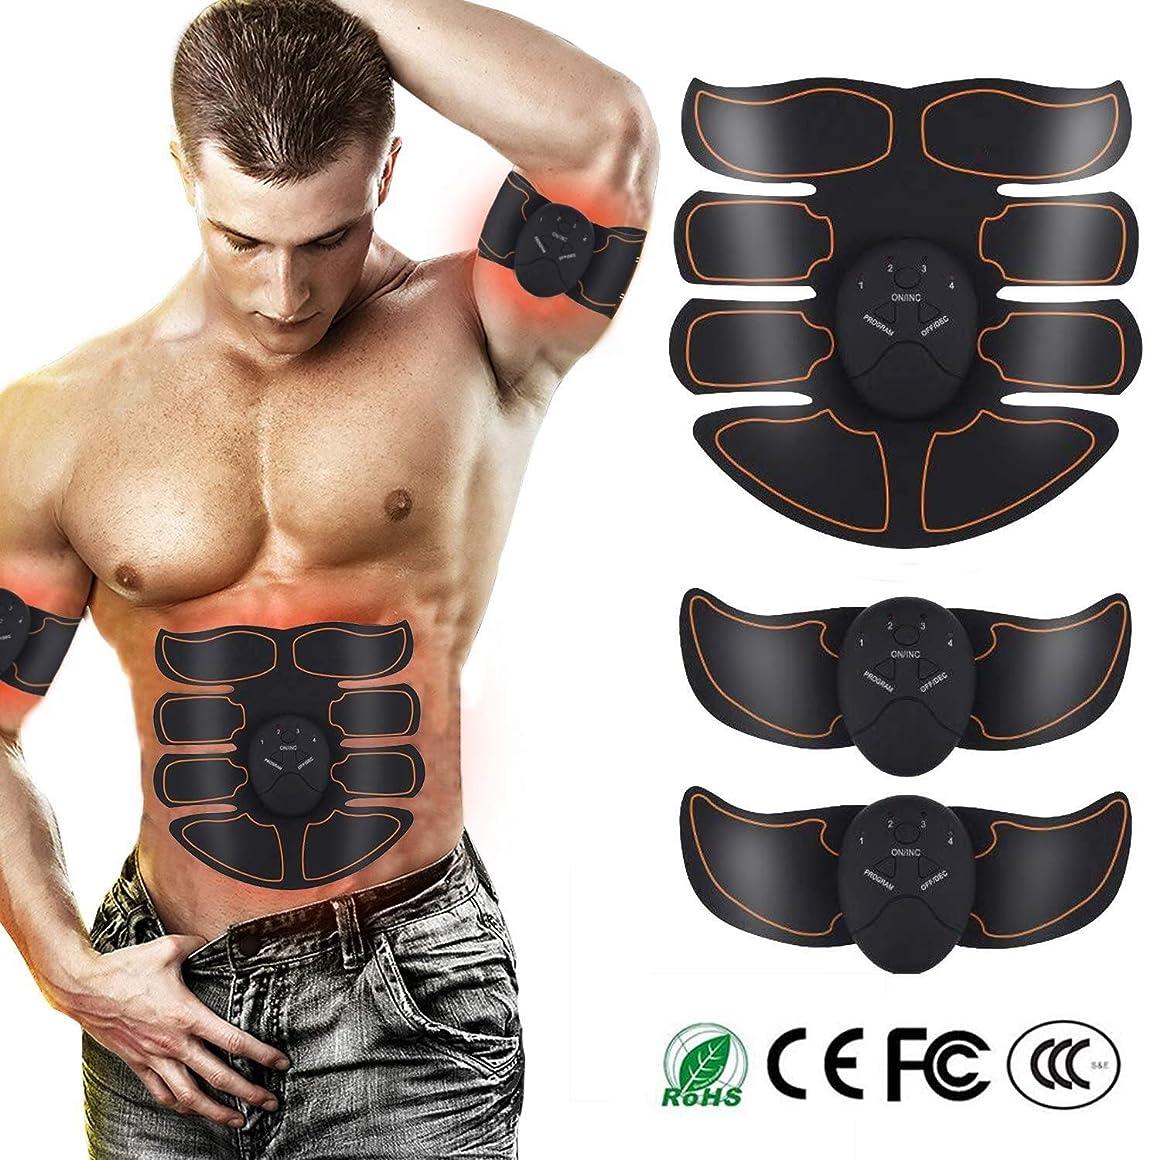 従事したに渡って腹部腹筋トレーナー 筋肉刺激装置、 腹部調色ベルト、 腹部 マッスルトナー 6つのモード及び10のレベル強度 USB充電式 トレーニング機器、 に適し 体 いい結果になる 家に 事務所 ジム